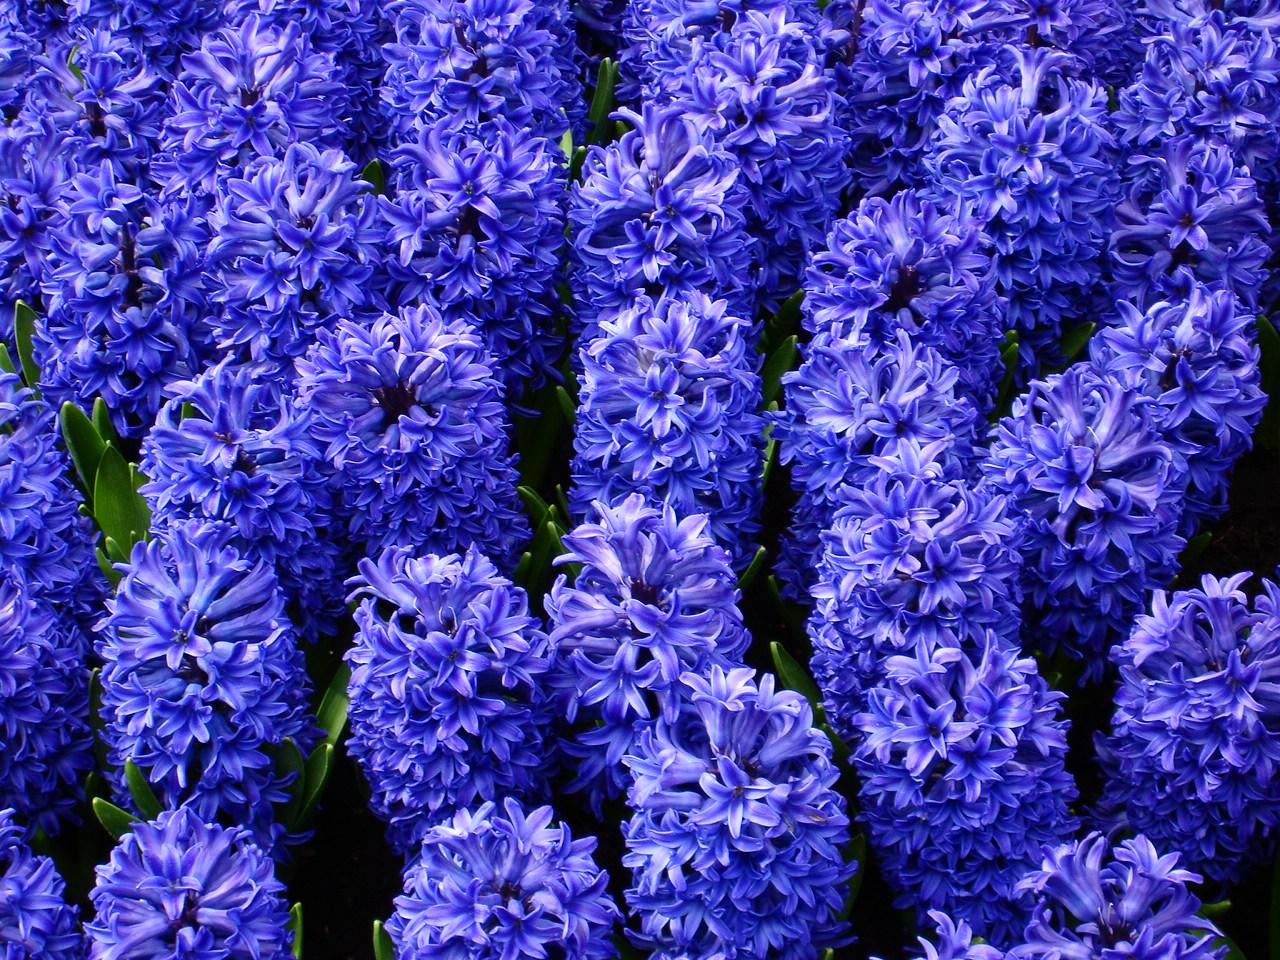 Fotos De Flores Azules Y Violetas - Plantas con flores azules y violetas: nombres y fotos